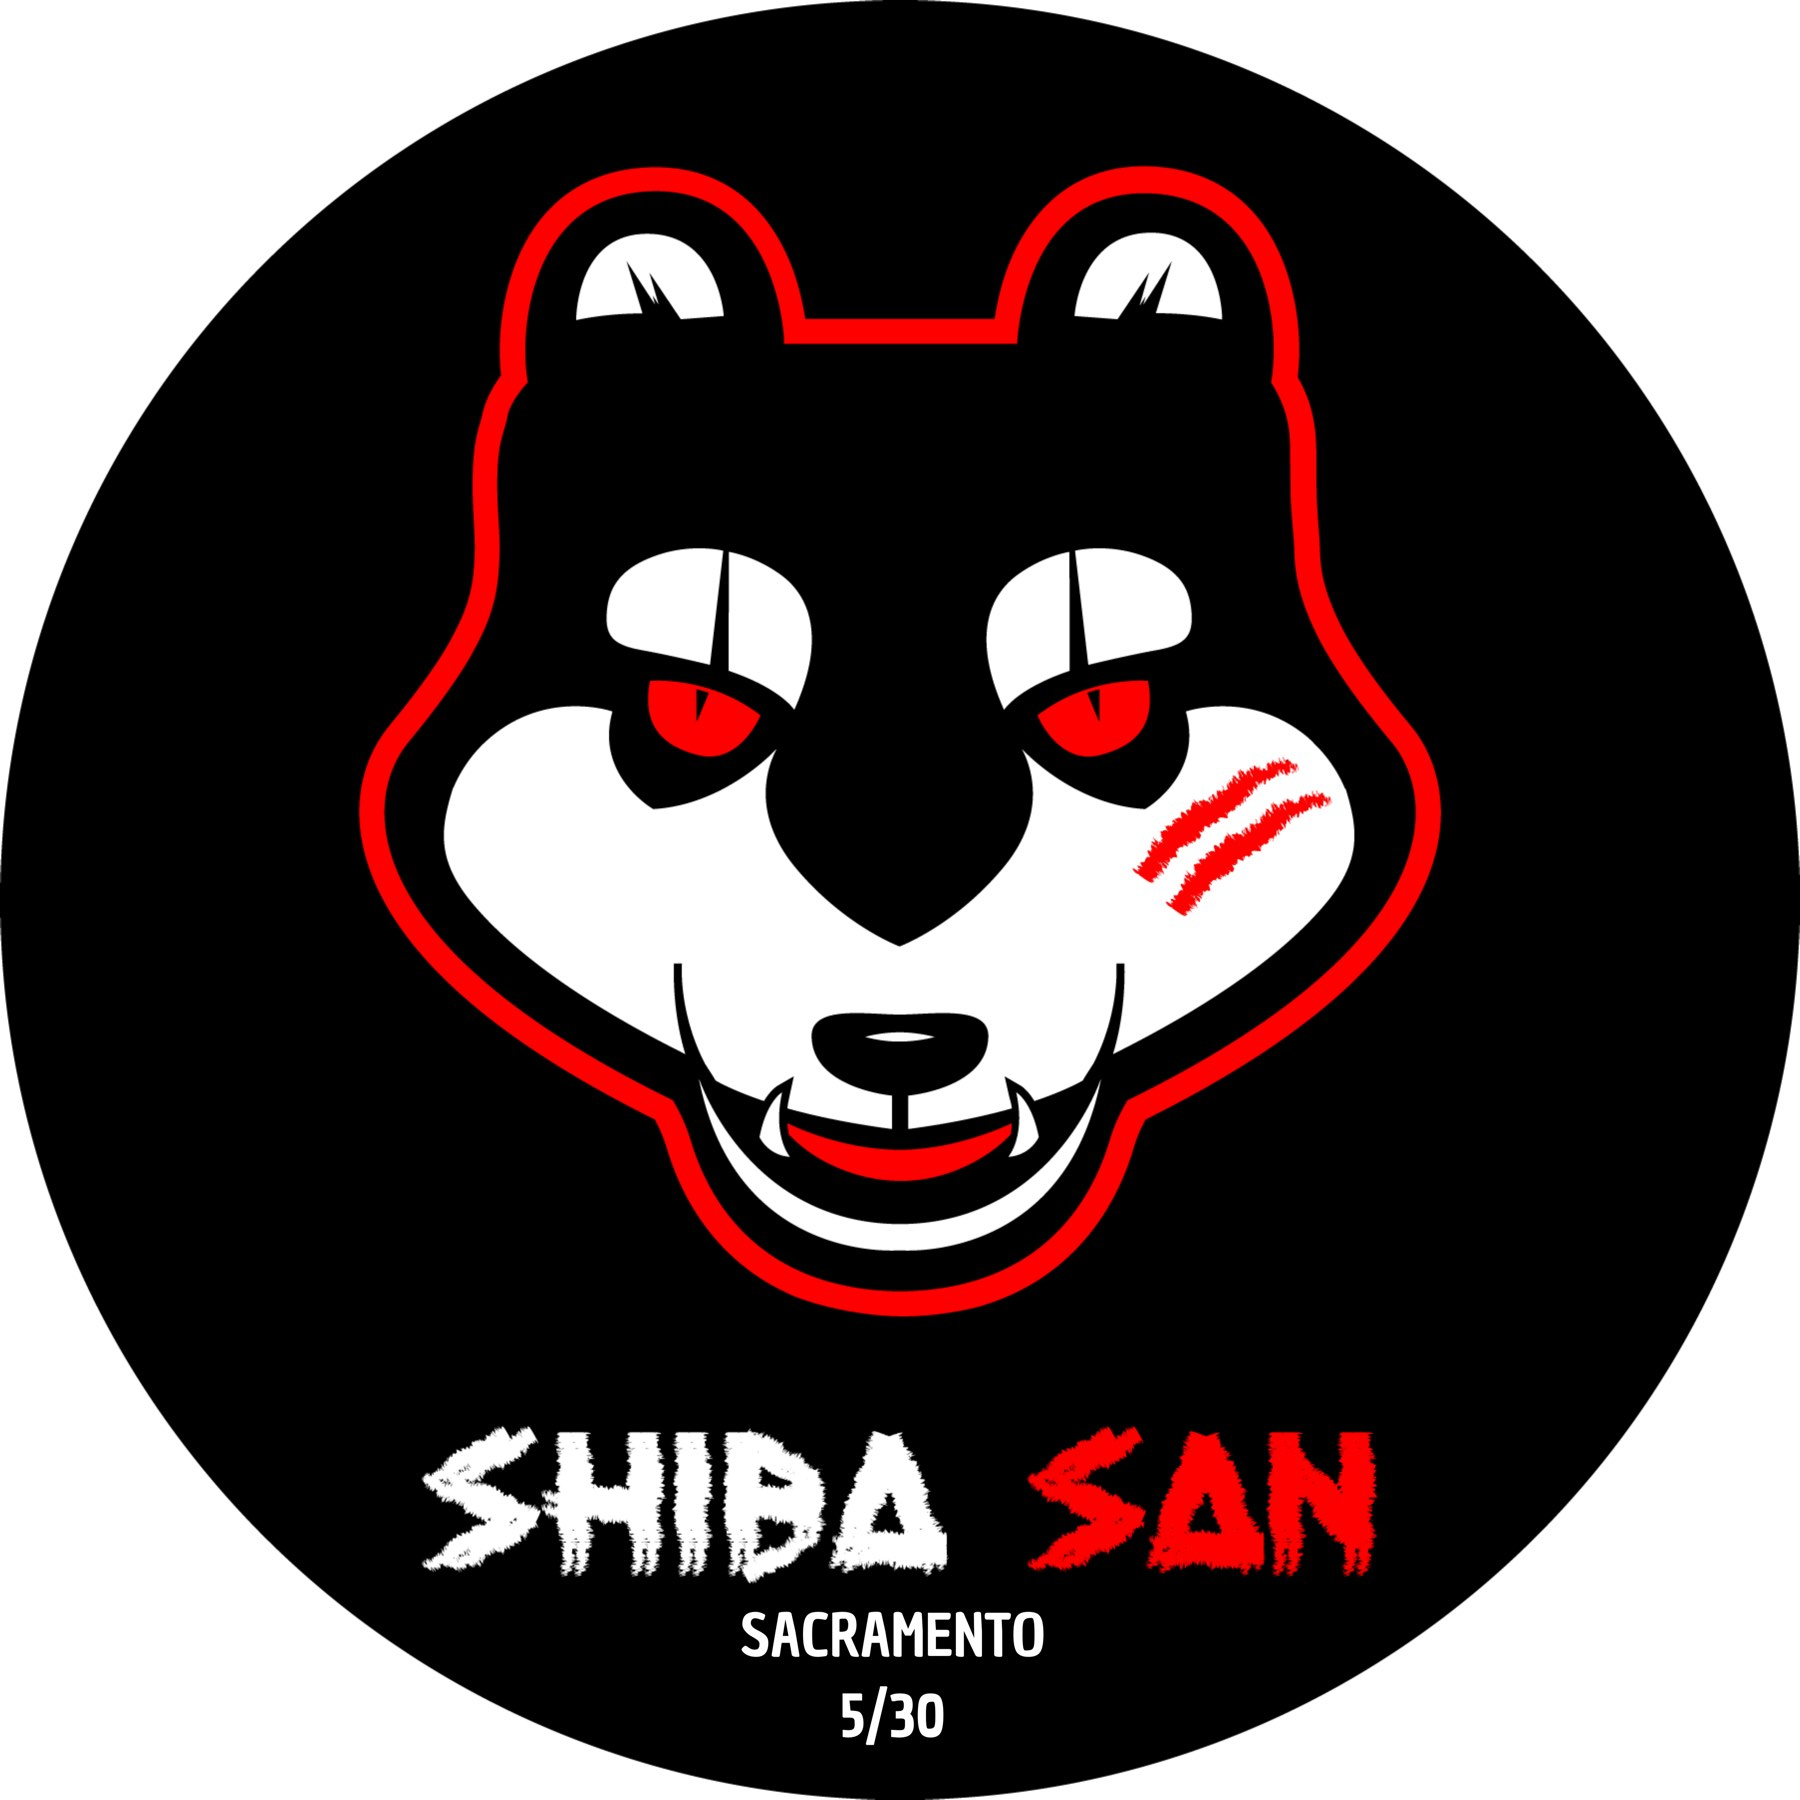 Shiba San Sacramento 2019